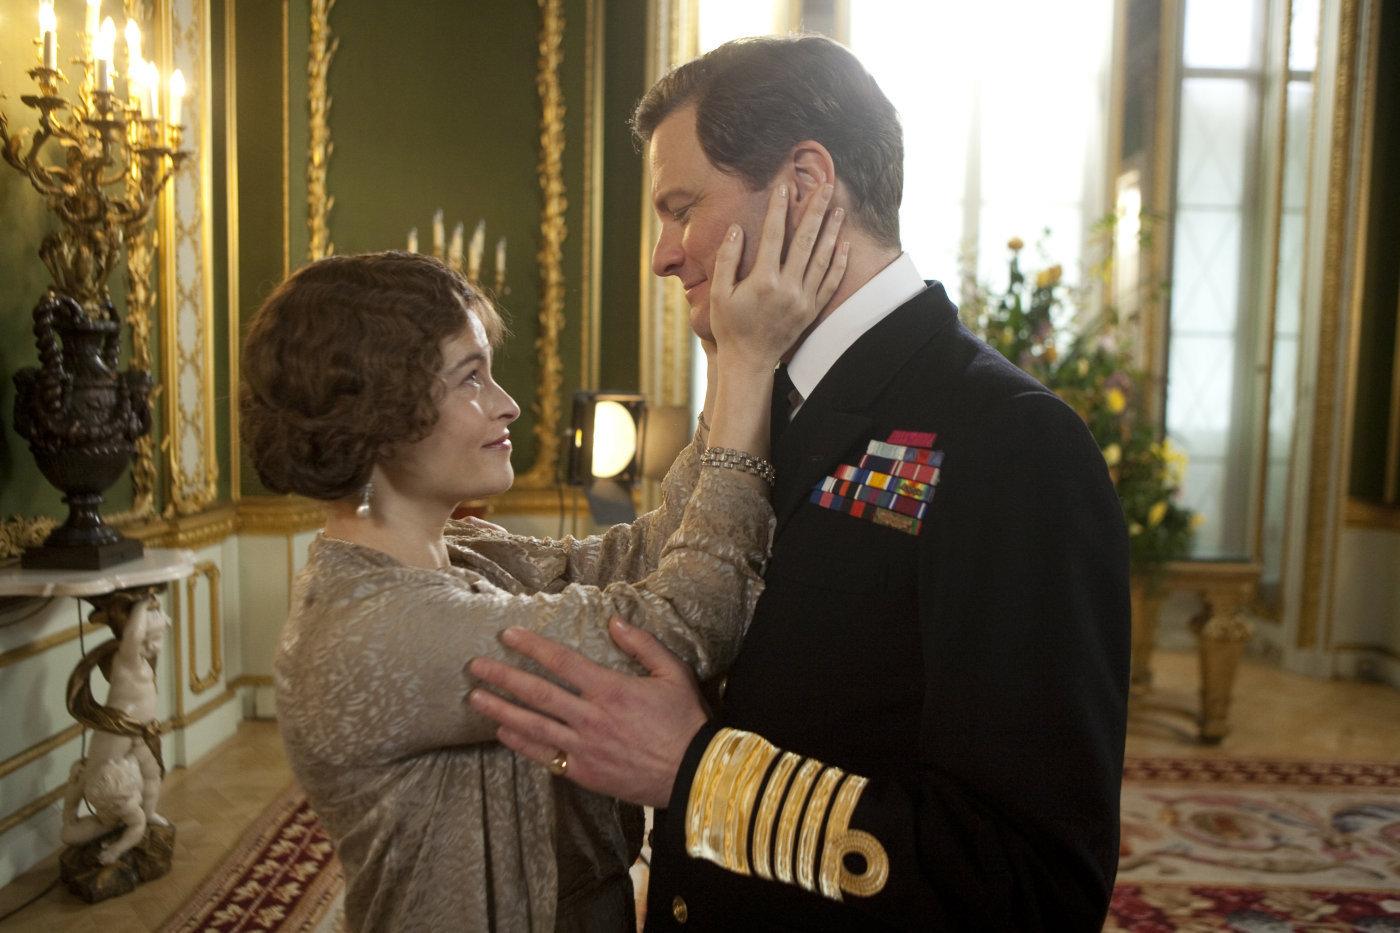 http://3.bp.blogspot.com/_TEy-VzwxCdk/TU2-vHjHwtI/AAAAAAAAEfs/qzT8OkX6jfk/s1600/Queen-Elizabeth-The-King-s-Speech-helena-bonham-carter-17476521-1400-933.jpg